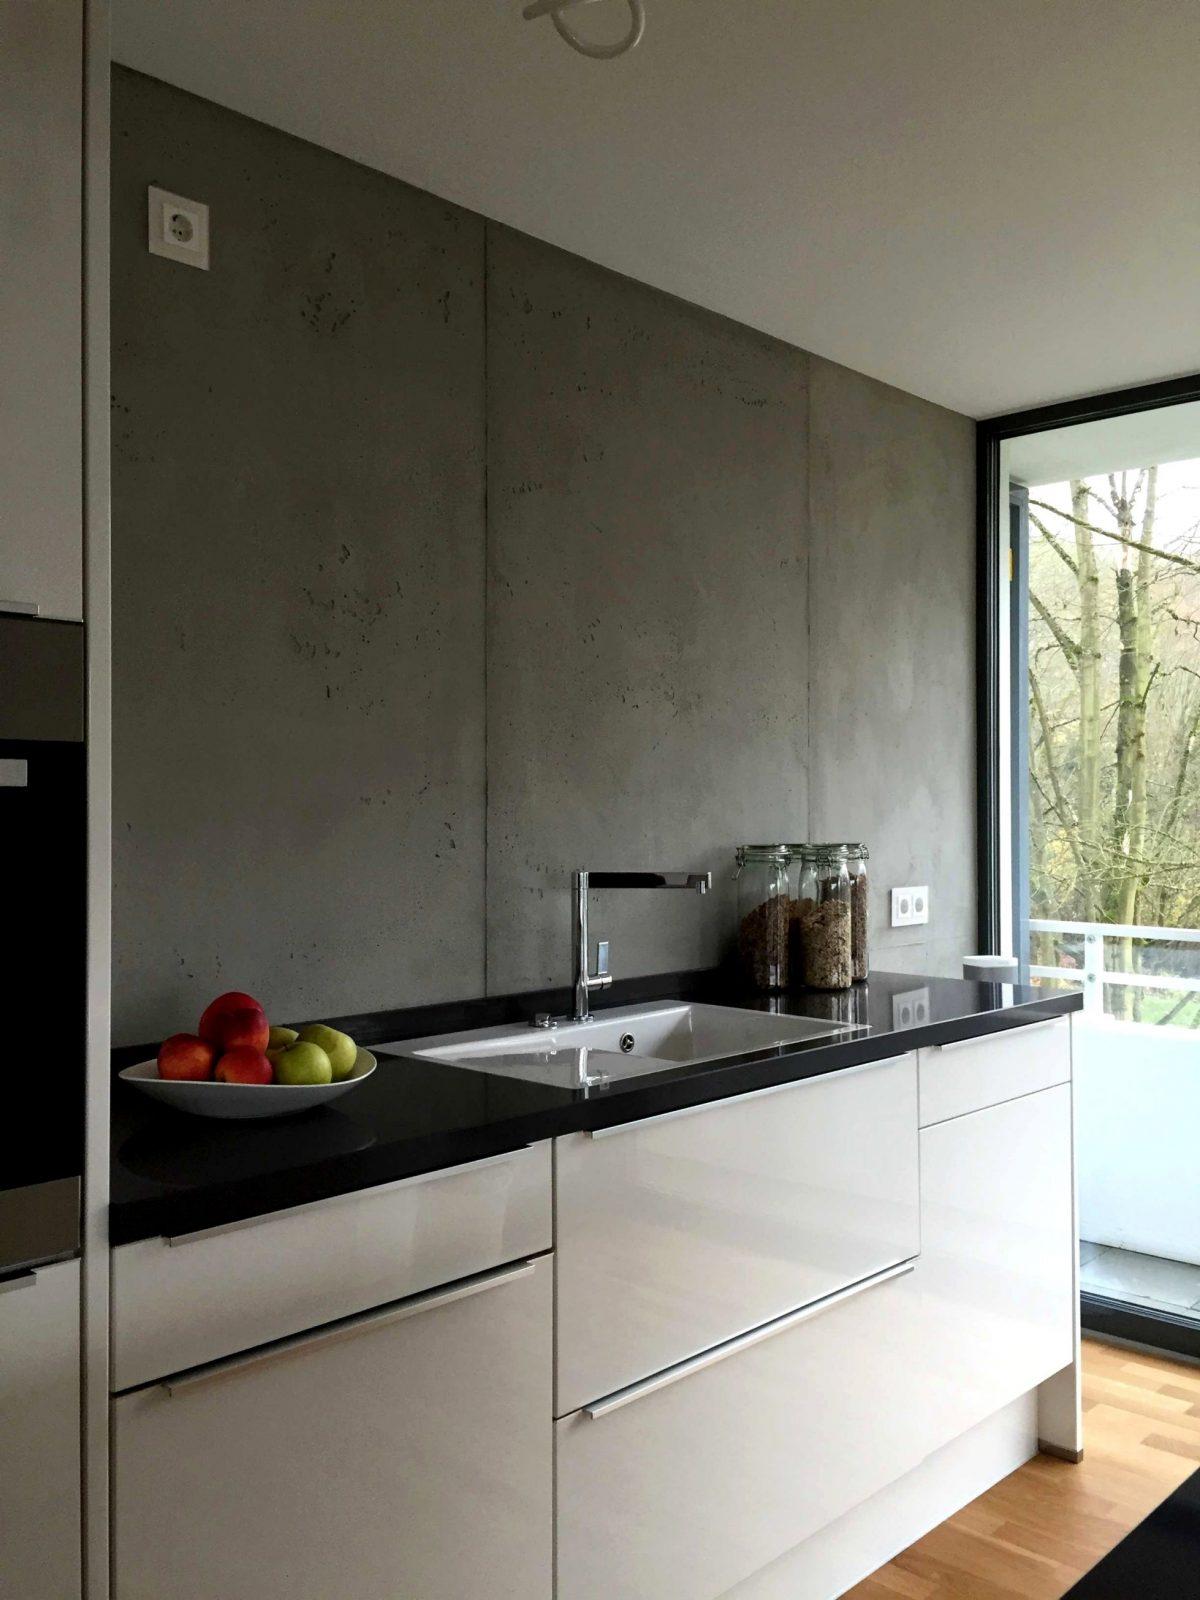 Küche Spritzschutz Selber Machen Zum Atemberaubend Wandpaneele Küche von Spritzschutz Küche Selber Machen Bild